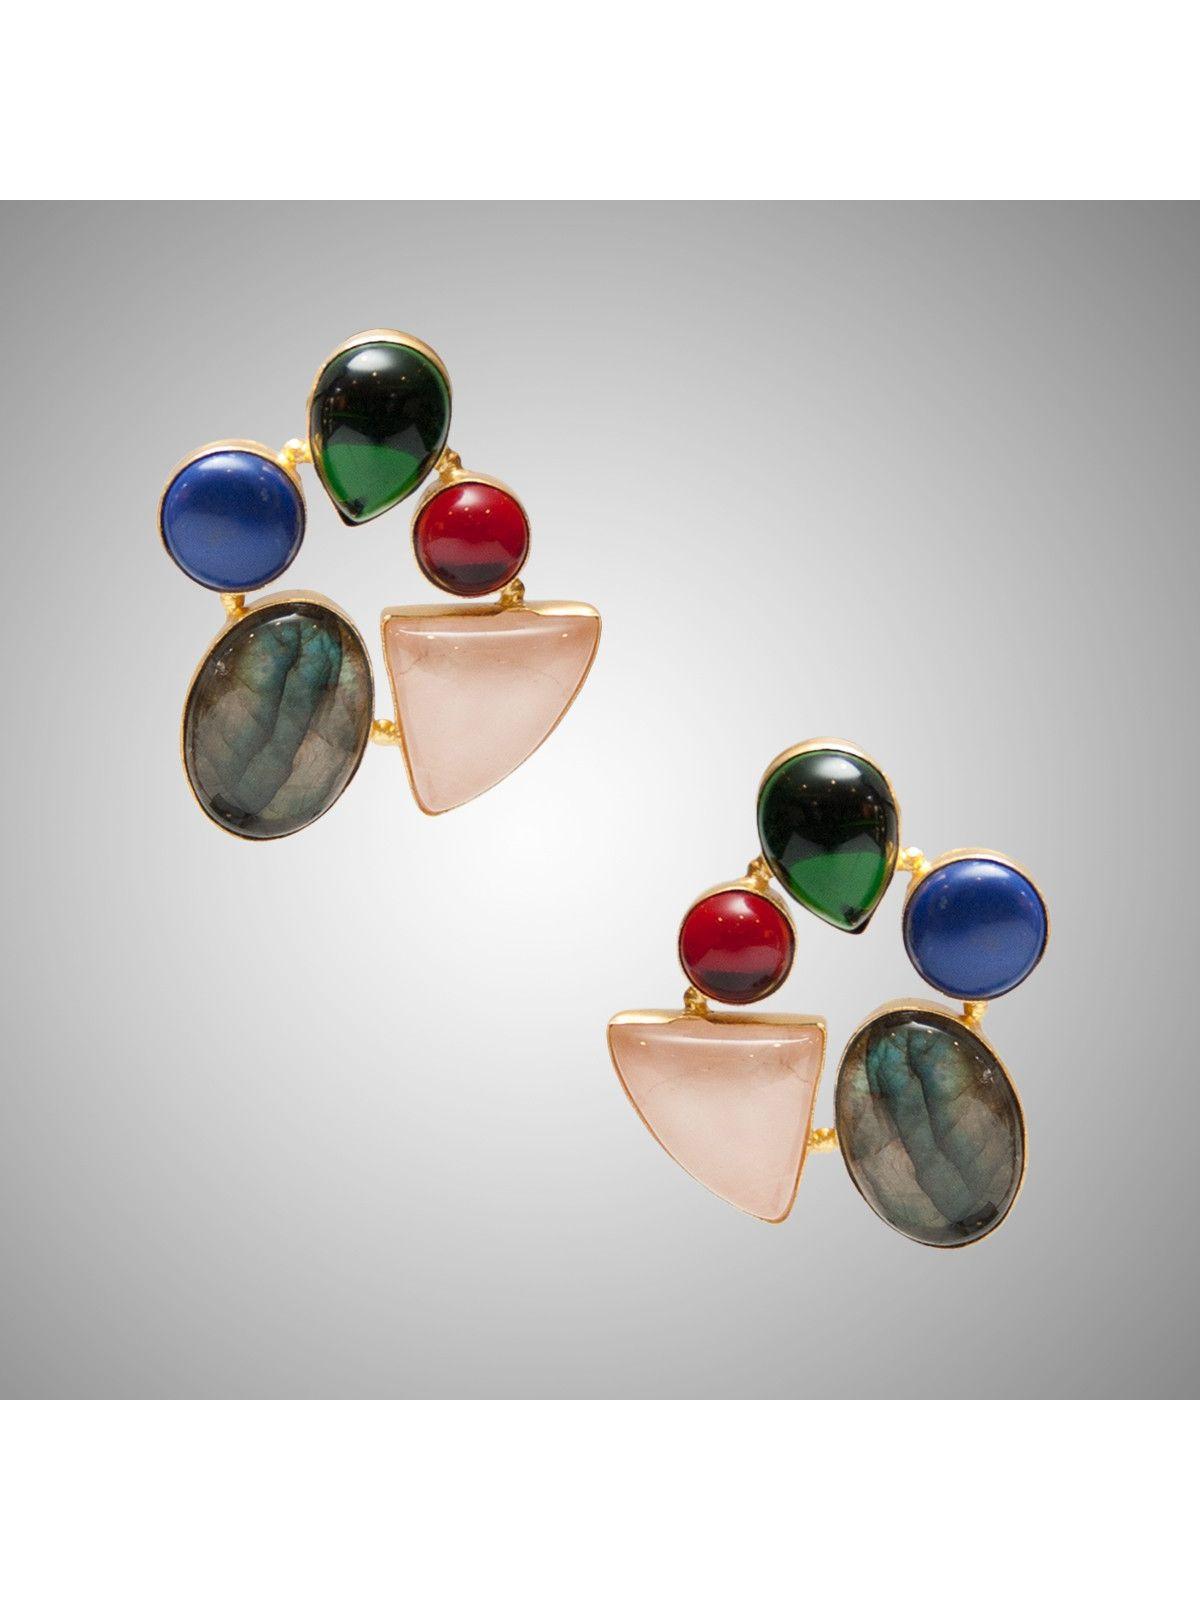 Fizzy Mezcal Margarita Earrings